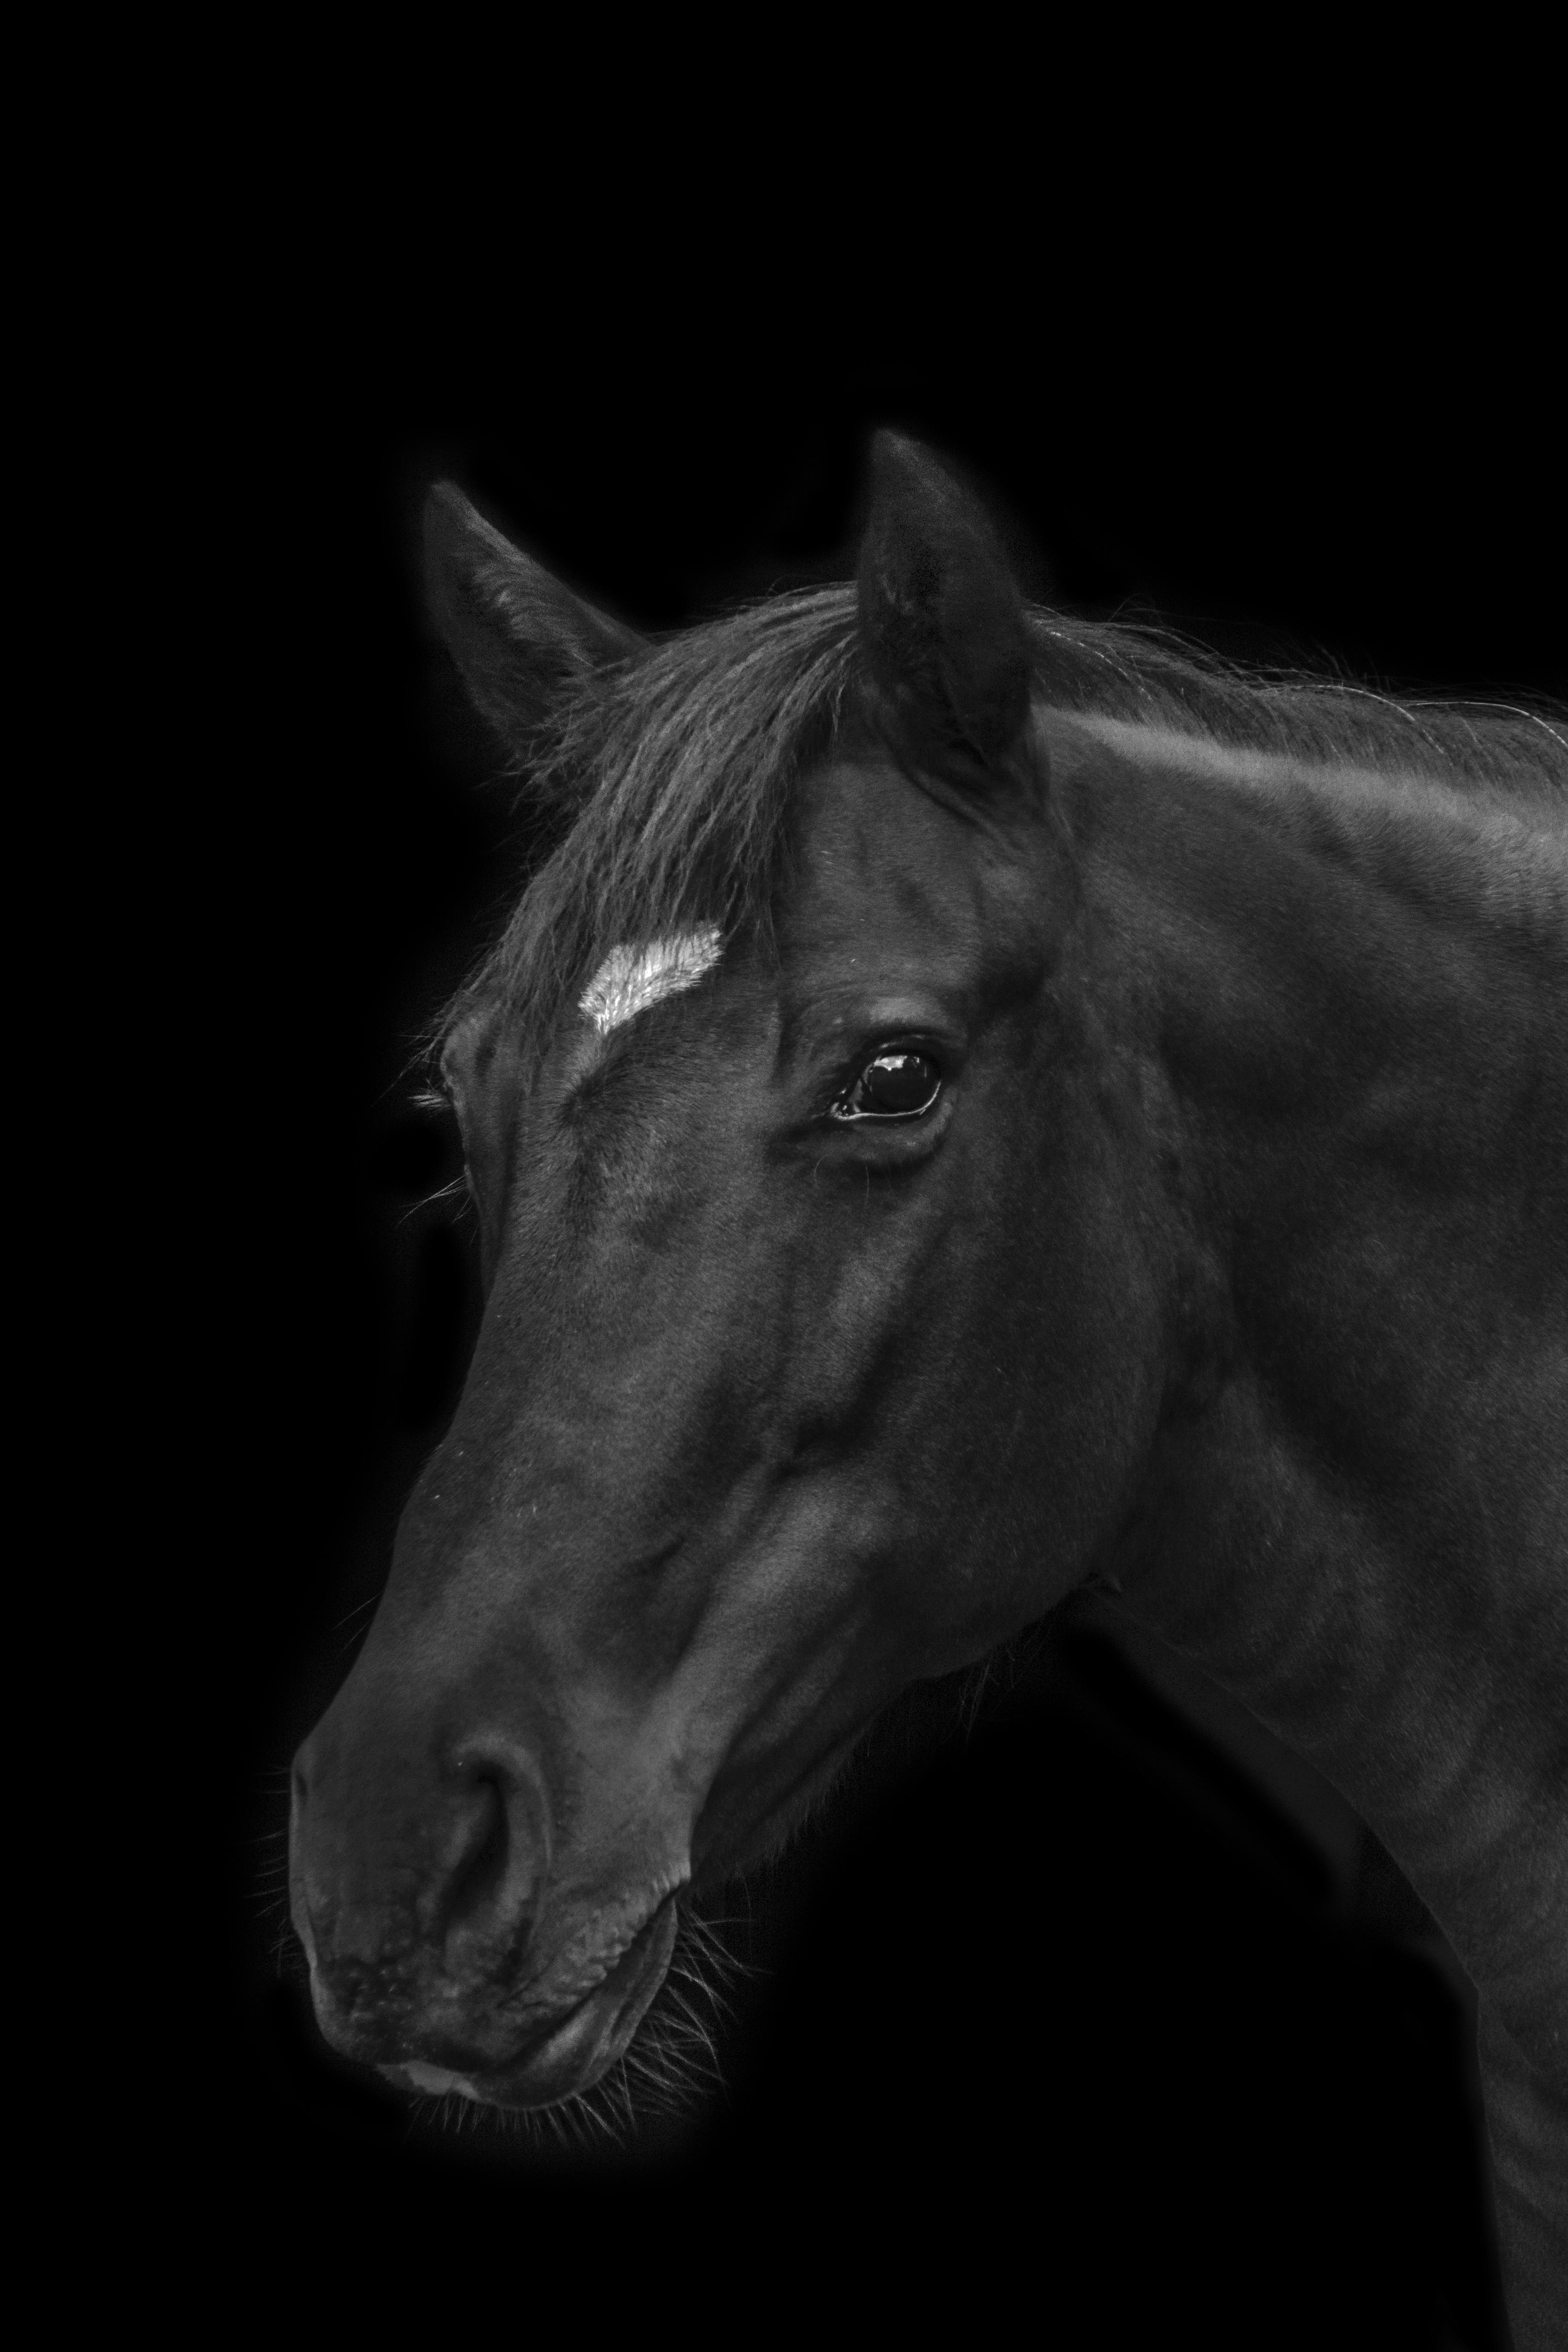 Black and White Photography, Margarita Sheremet